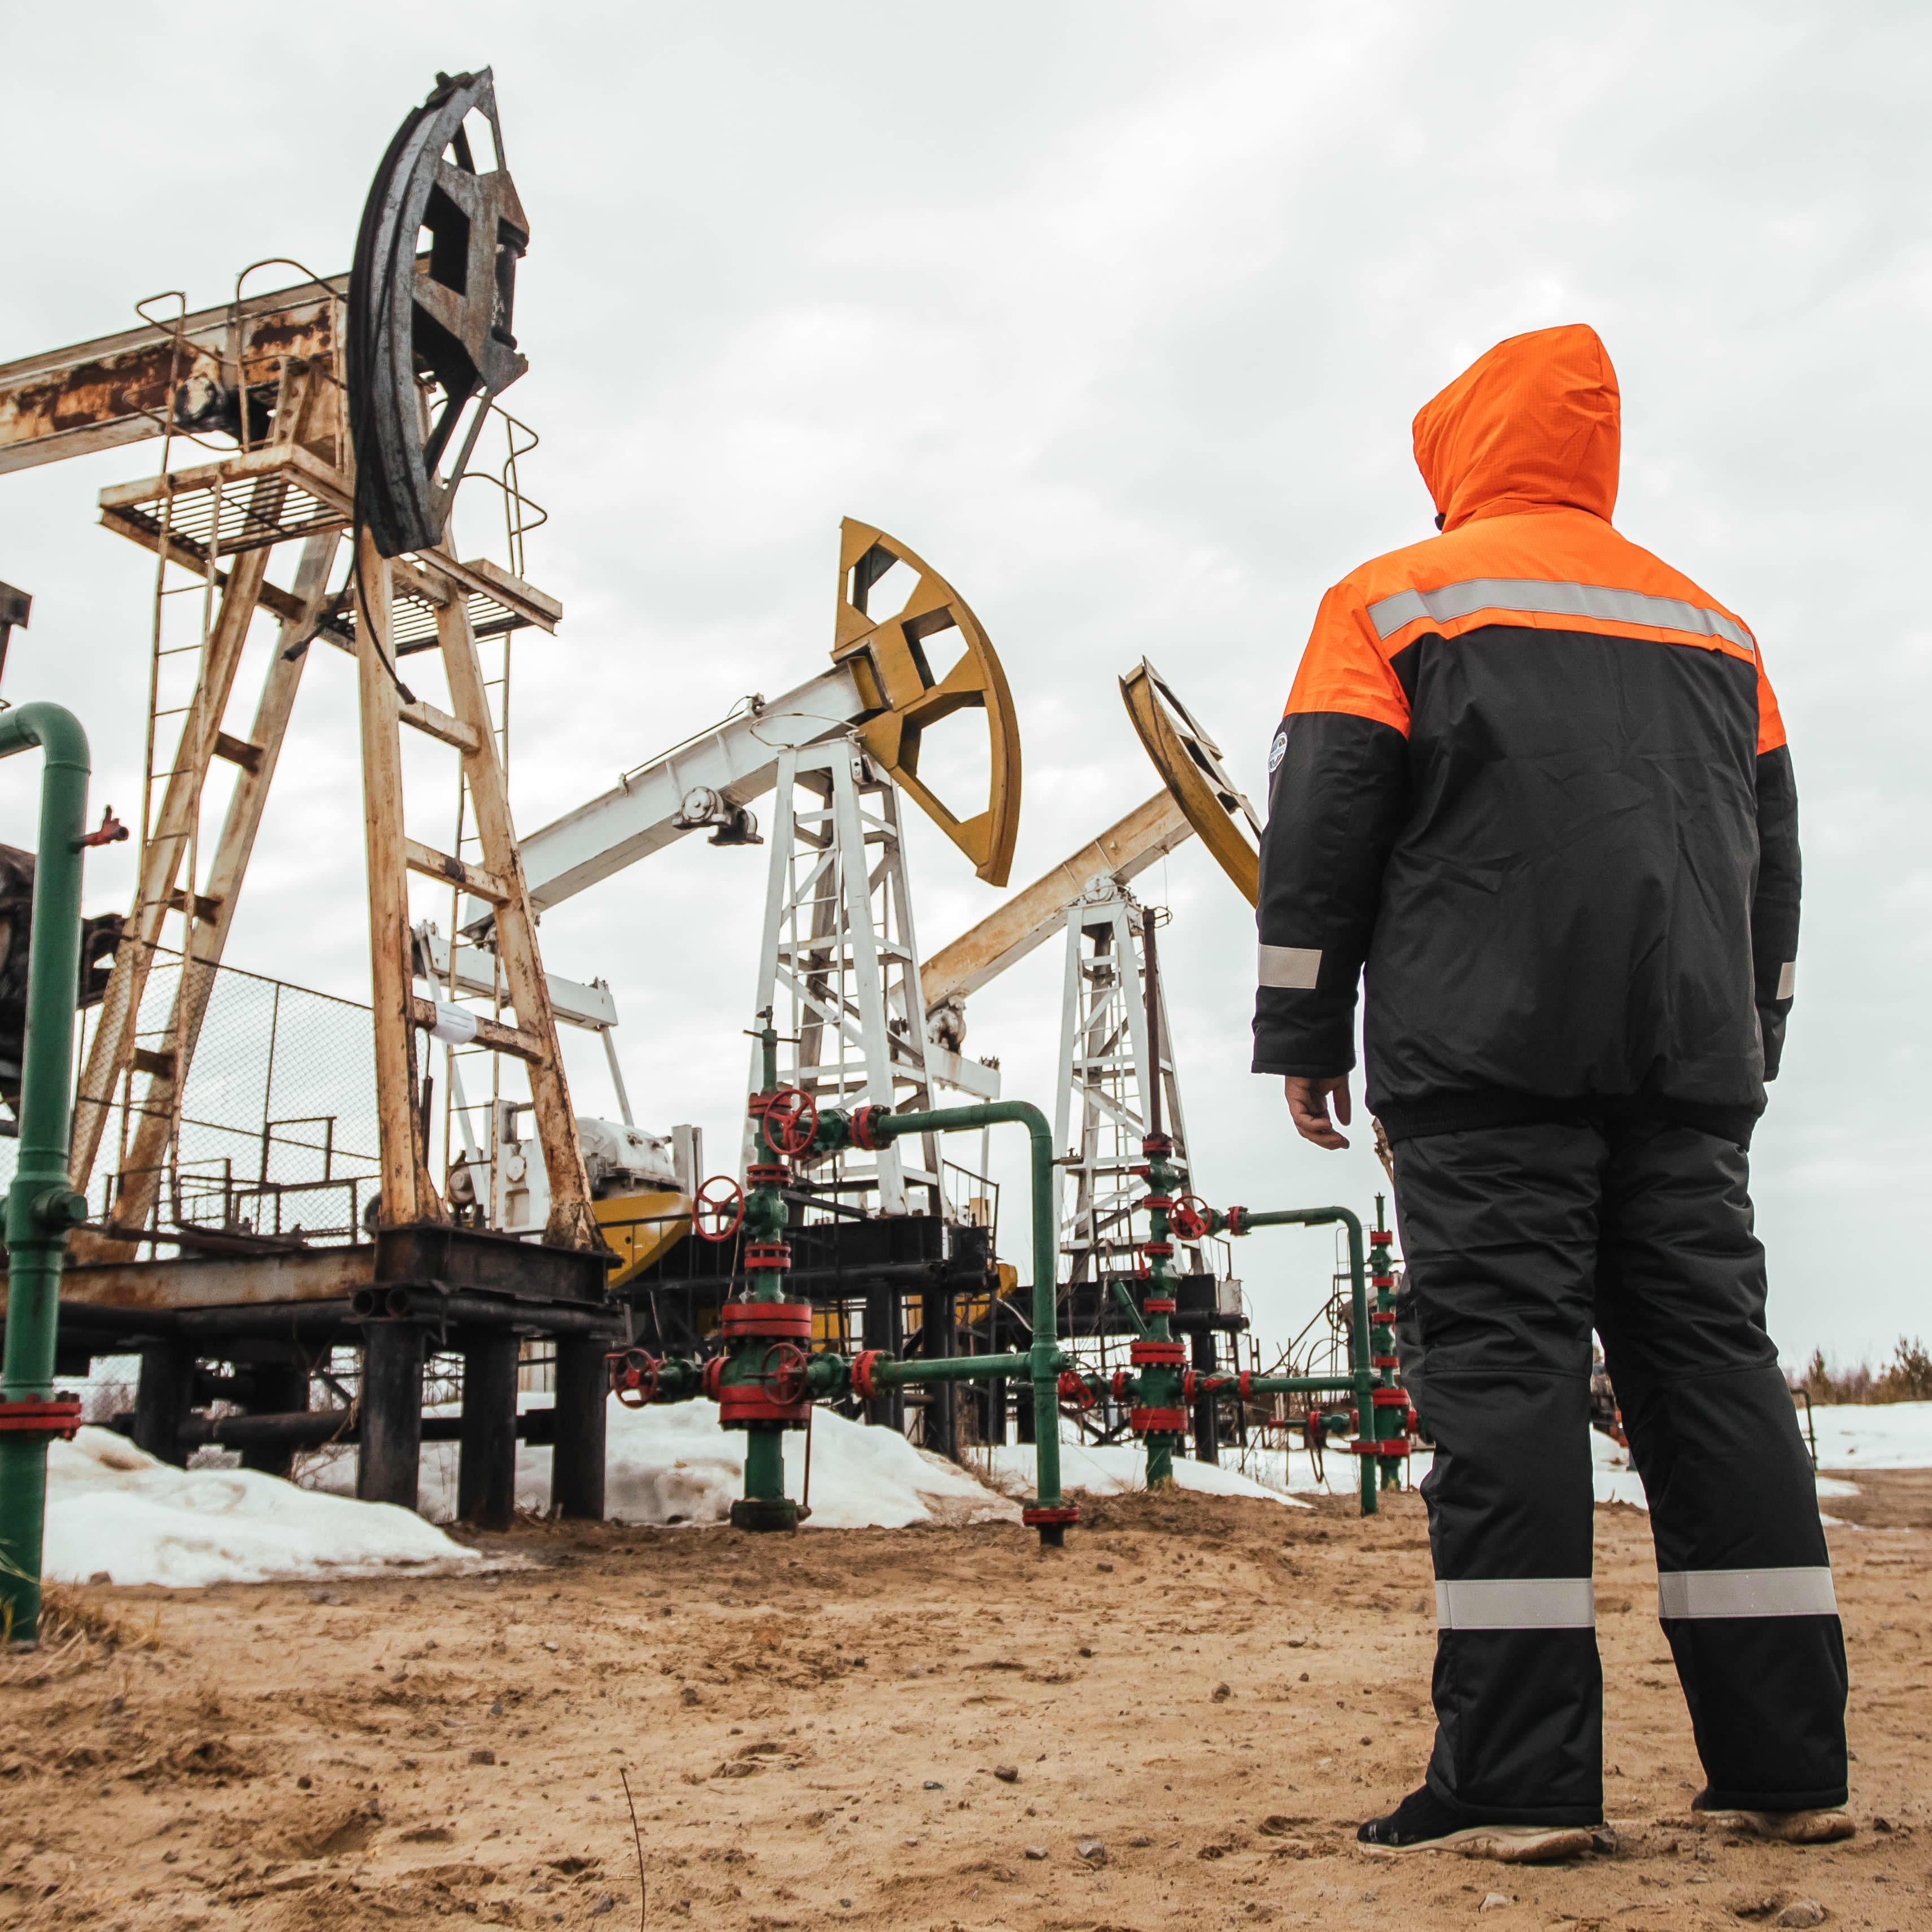 Henkilö katselee öljypumppuja Venäjän Surgutissa.